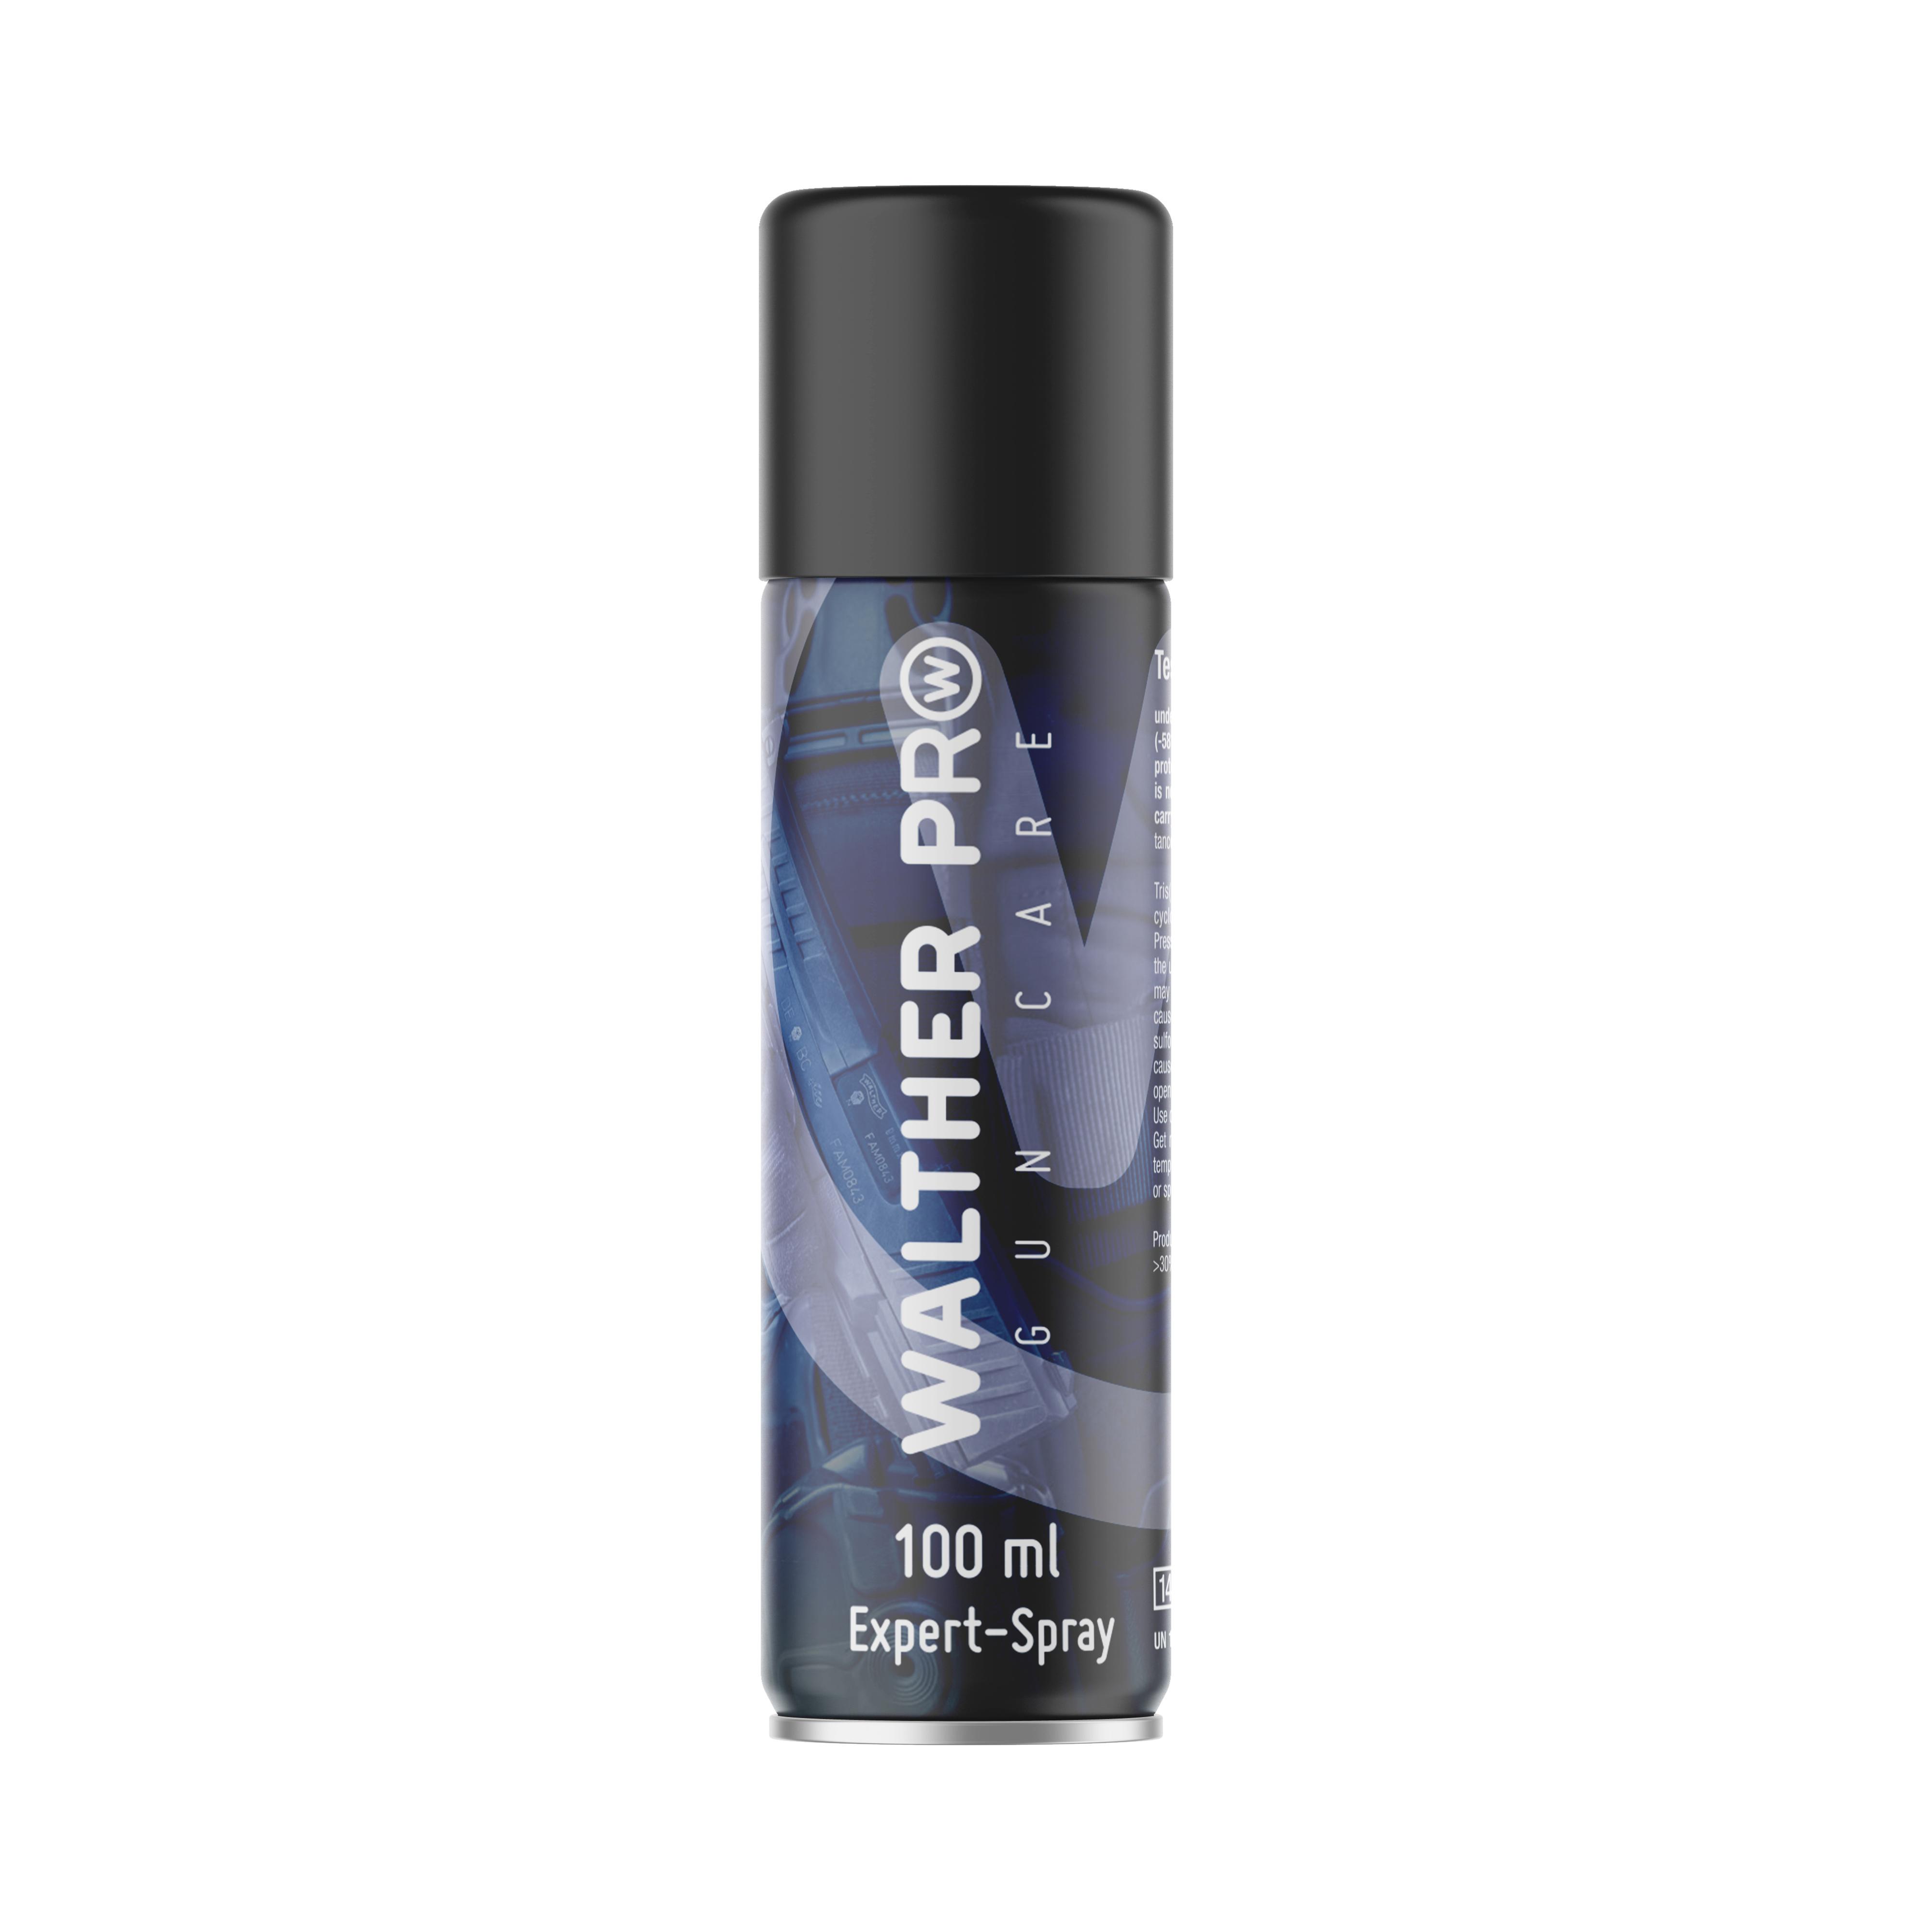 WALTHER (Umarex) Pro Gun Care Expert Spray Can